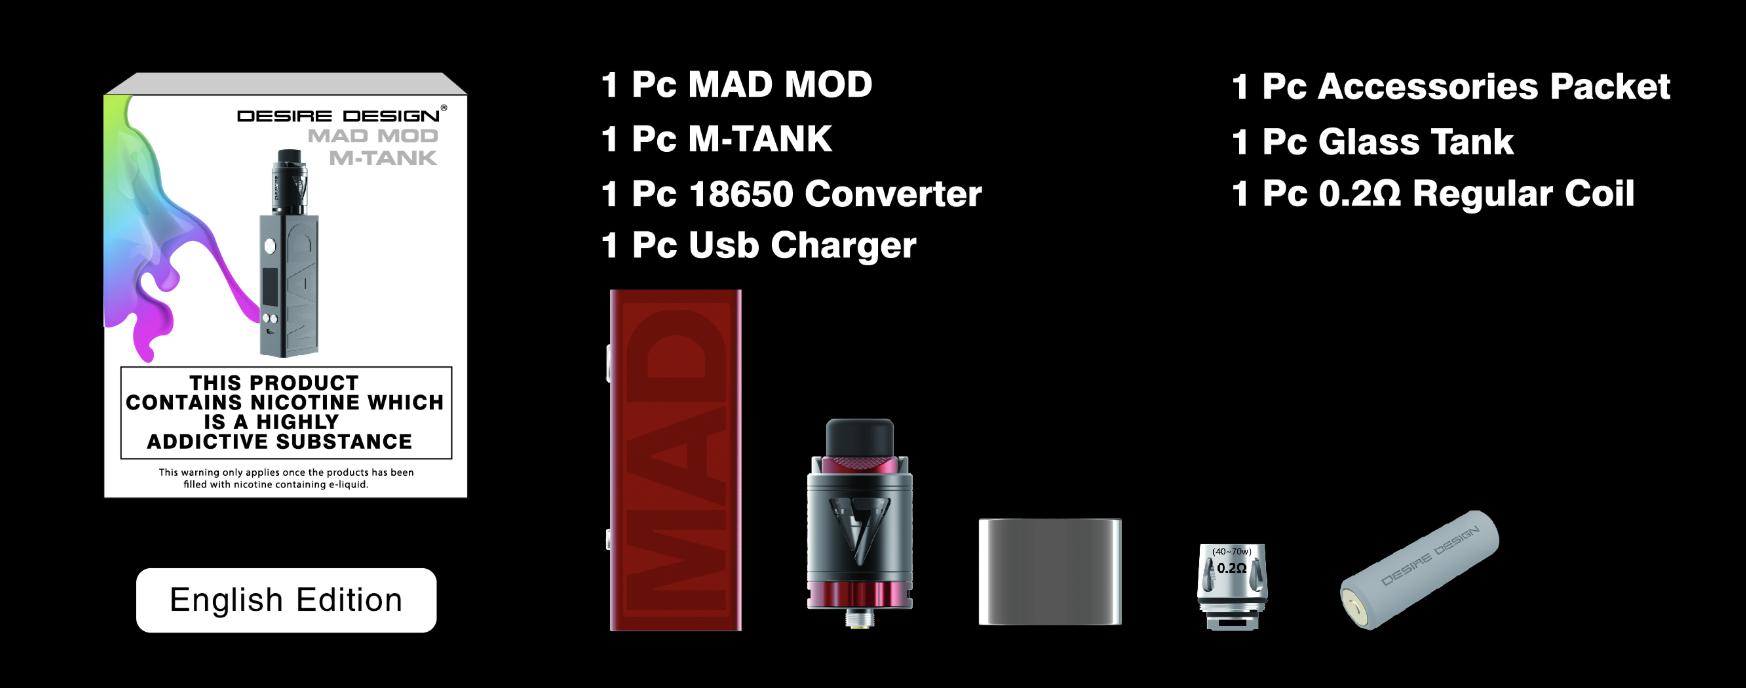 1af143e4bd1b1832cd08b3c7c13128f9 - 【レビュー】「Mad Mod Kit」 by DESIRE DESIGN MODもイケてるスターター!デザインおしゃれ、味濃厚。【VAPE/電子たばこ】